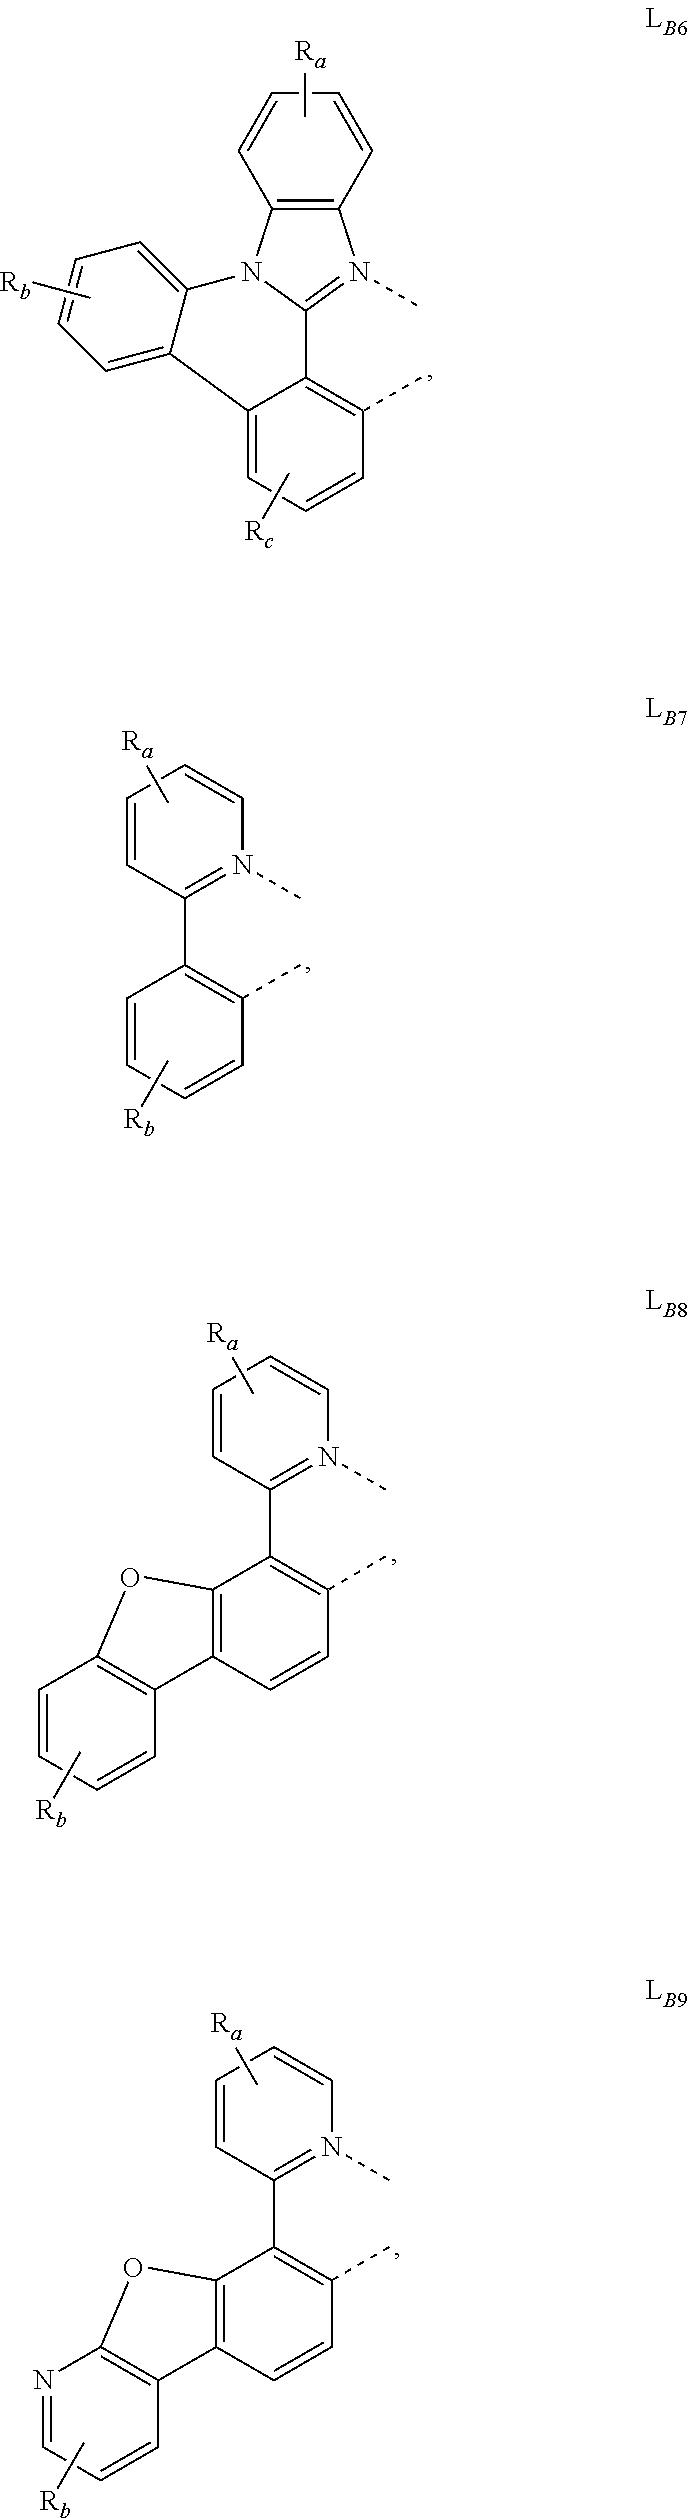 Figure US10121975-20181106-C00216